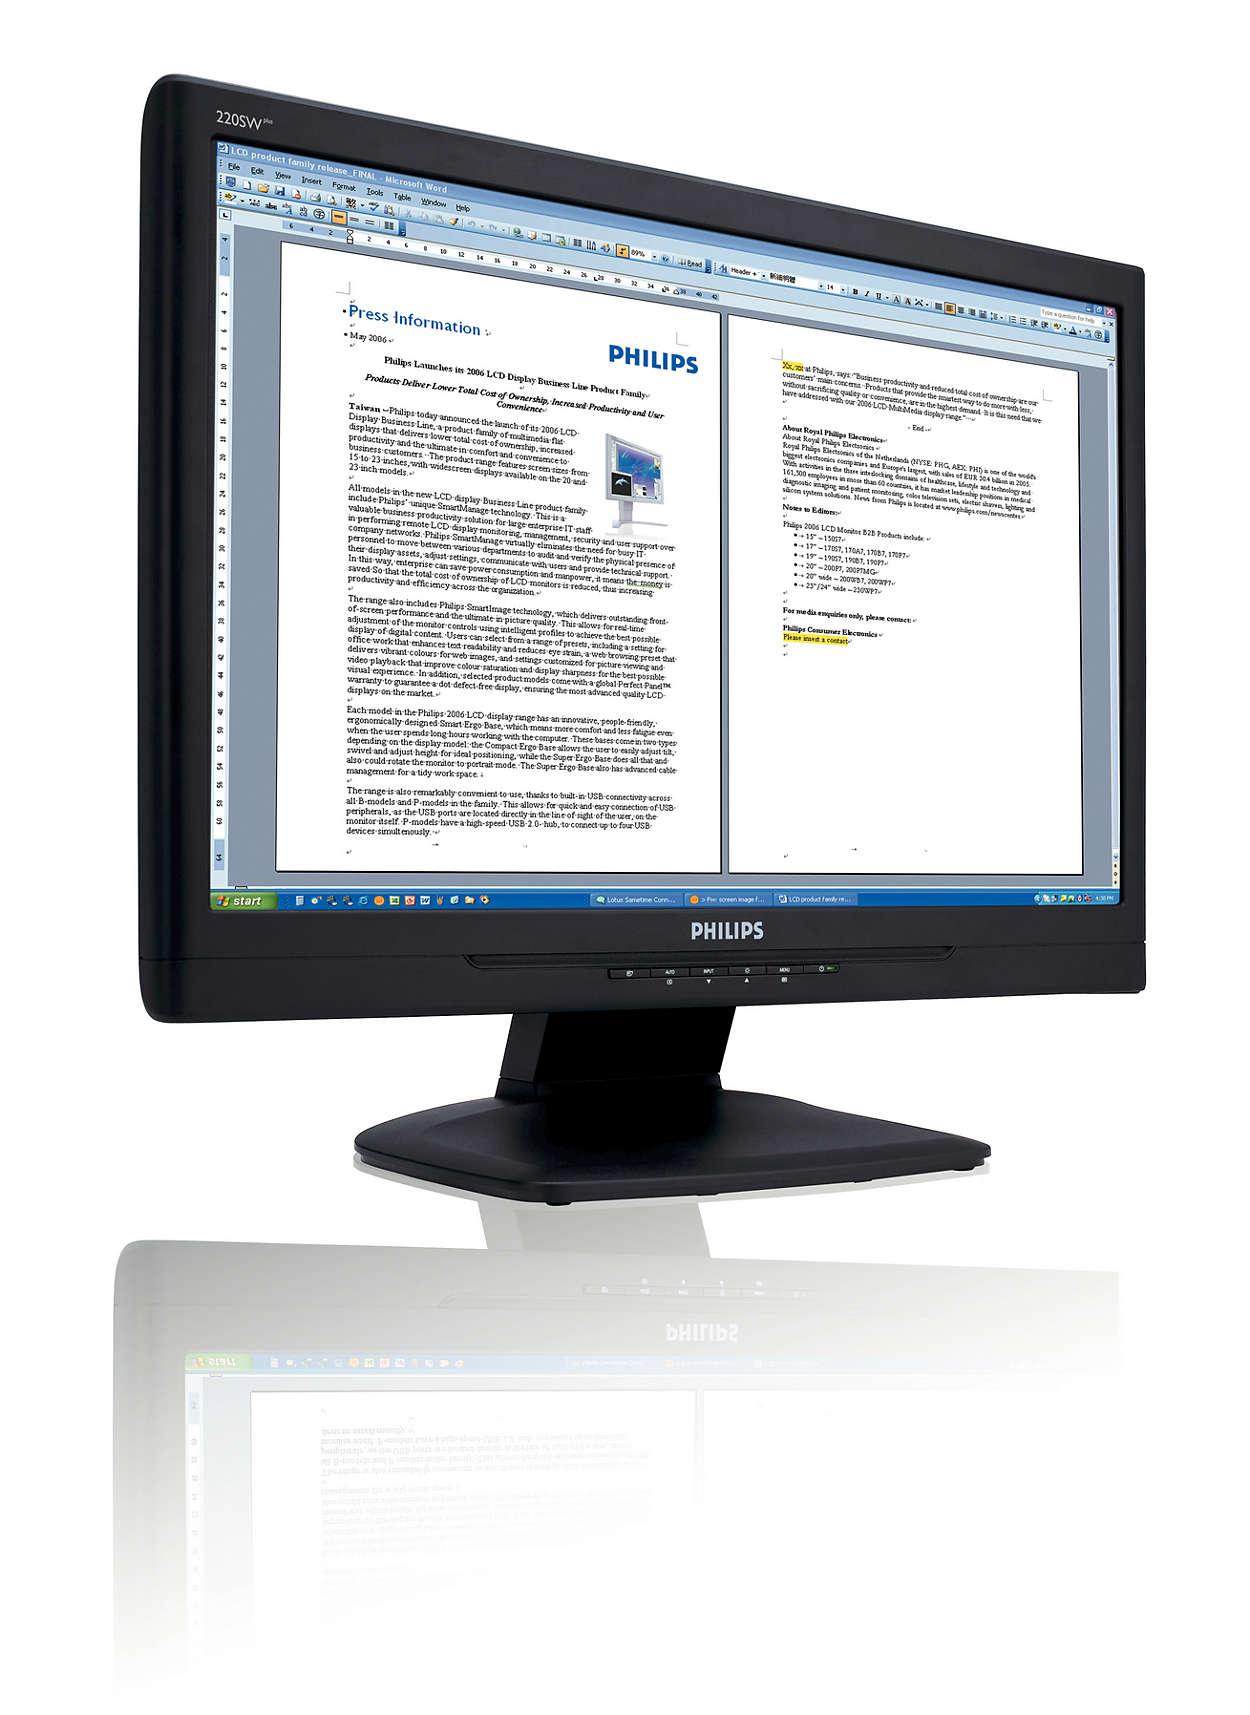 擴展至更大的濶熒幕,提高工作效率